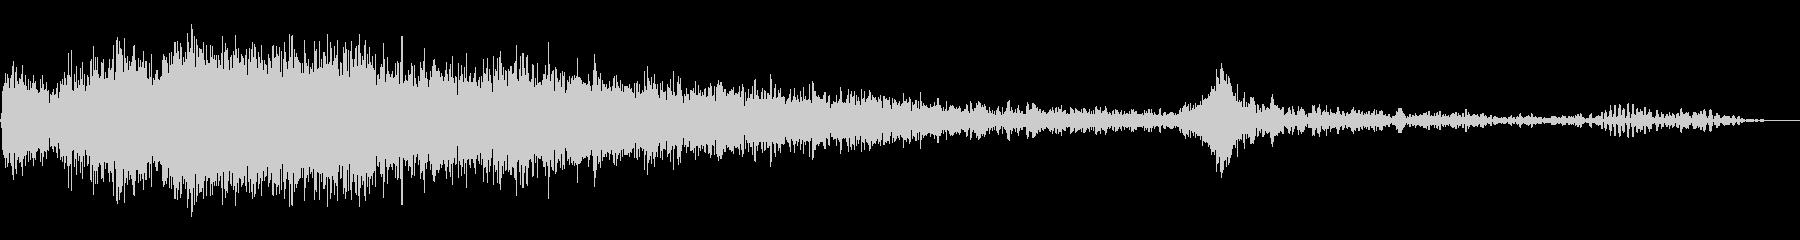 スパッタリングフレアの未再生の波形